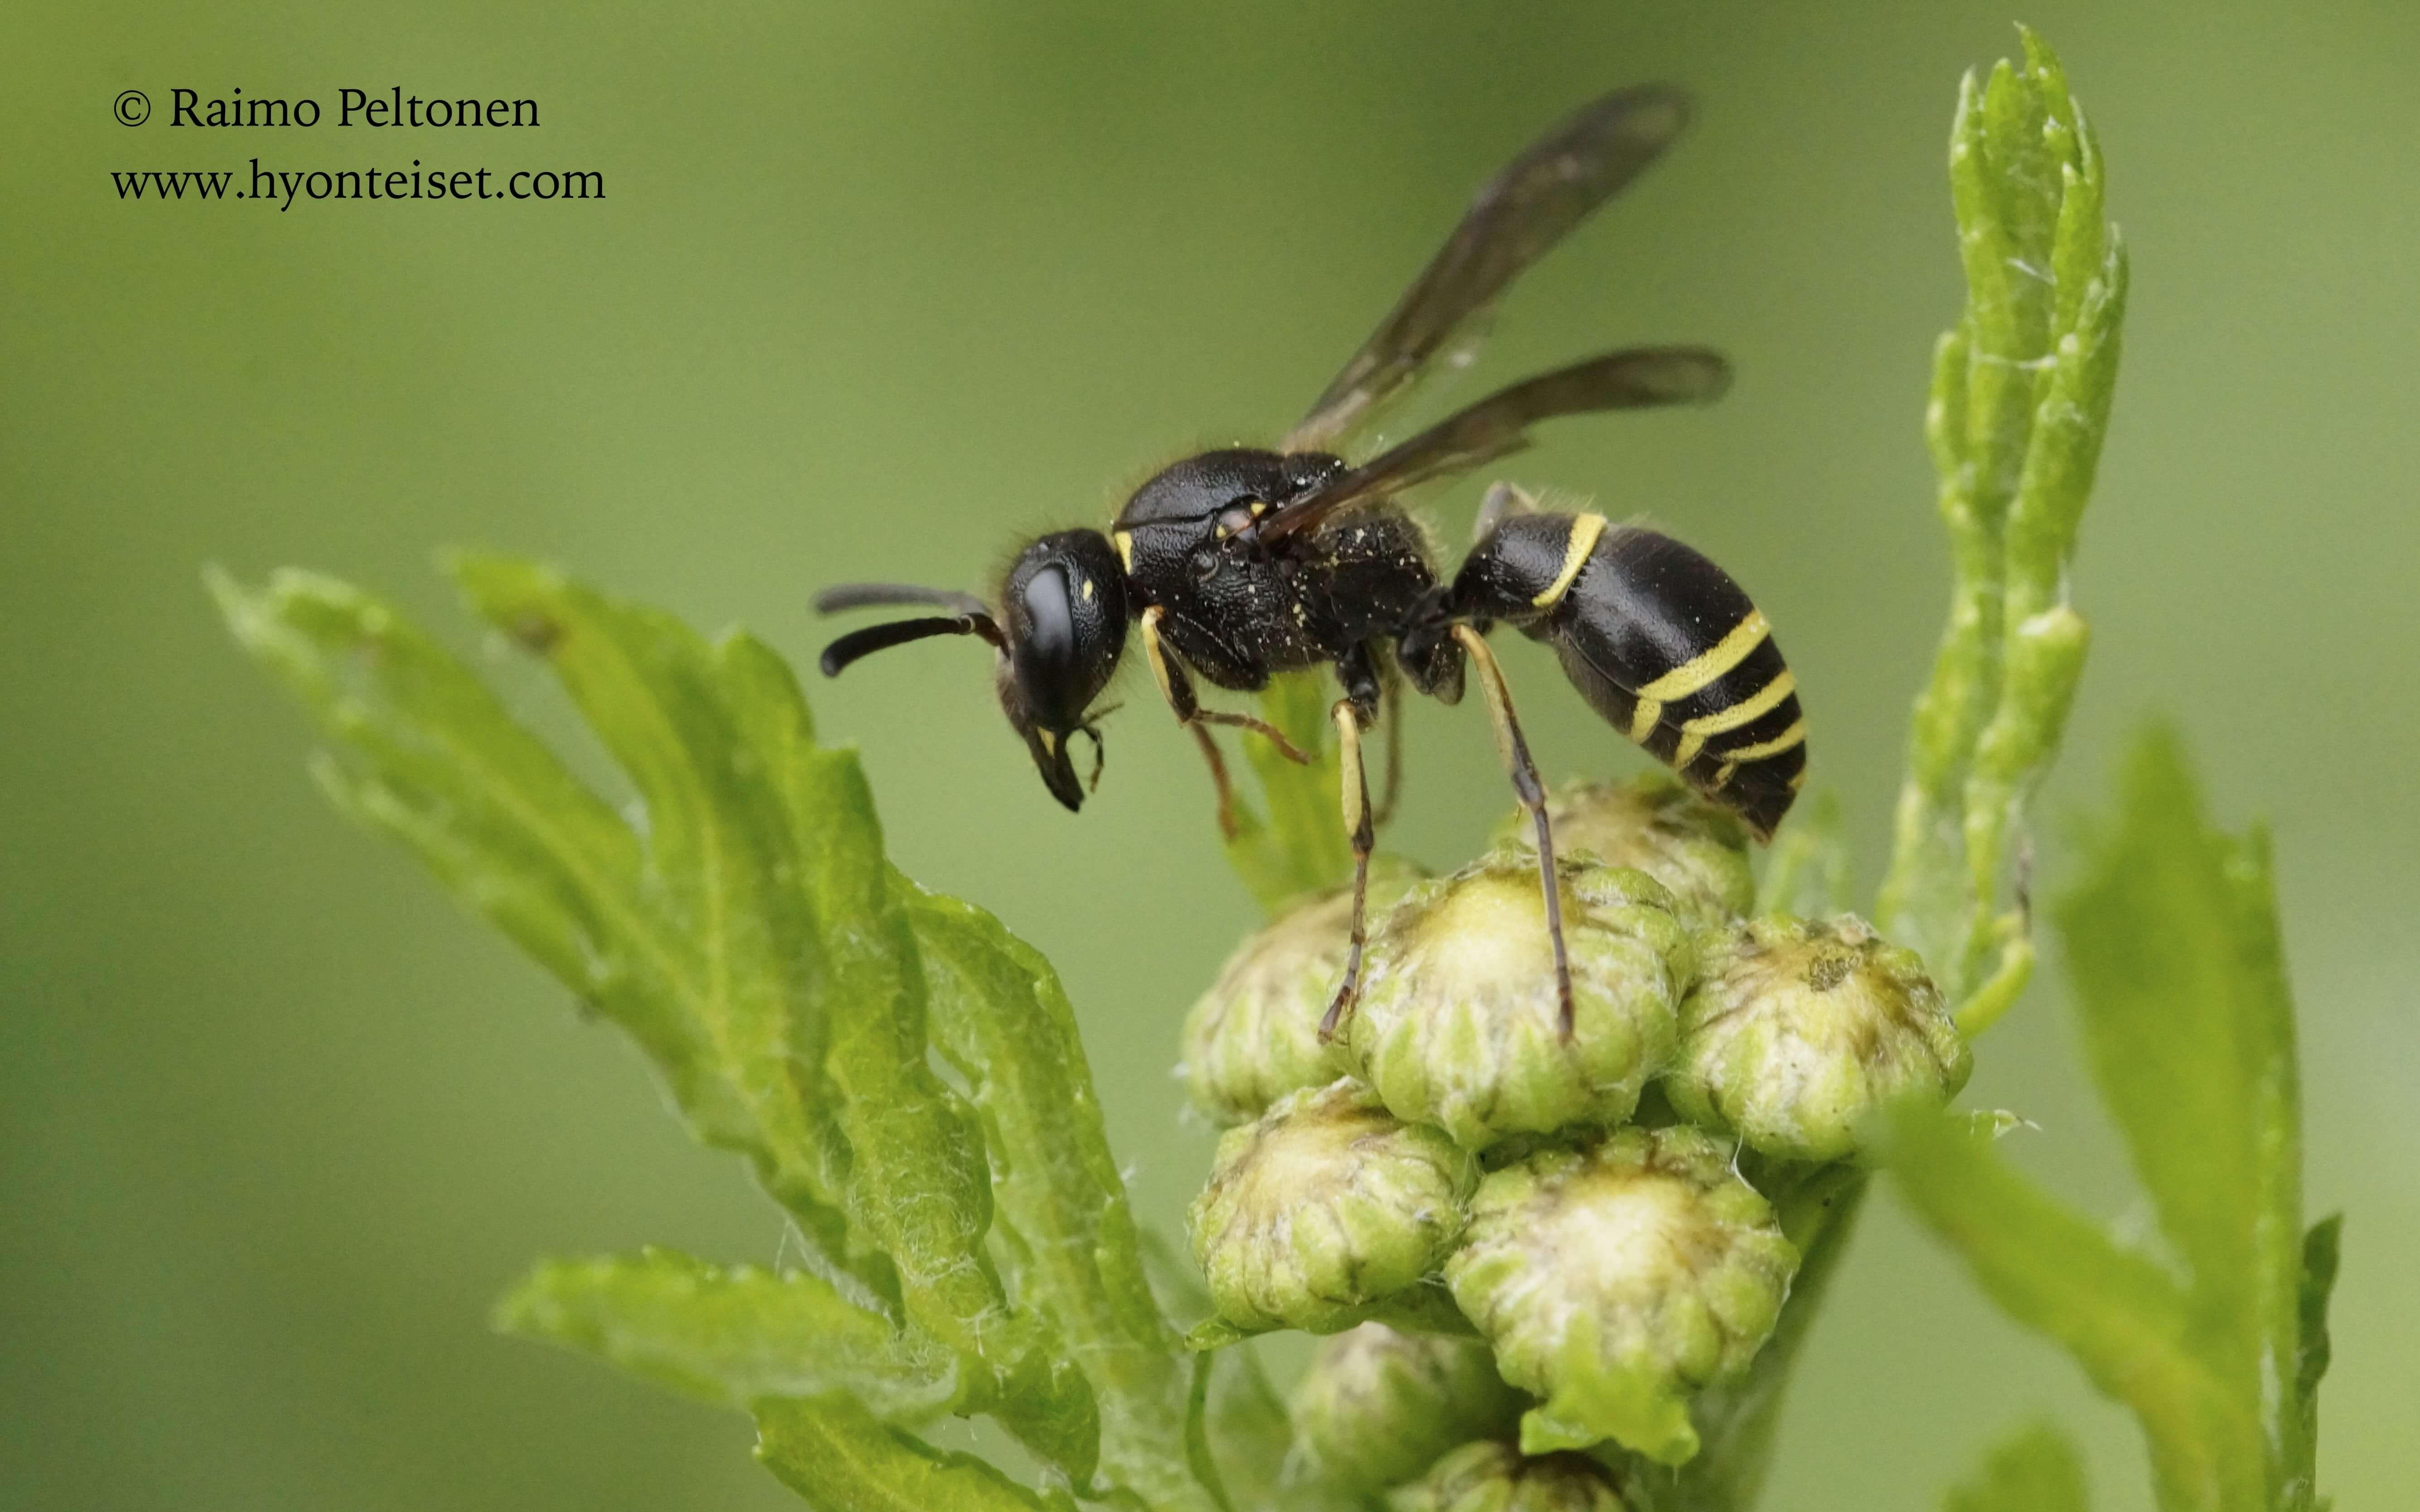 Ancistrocerus cf. claripennis, naaras (det. Juho Paukkunen), 14.7.2015 Jyväskylä